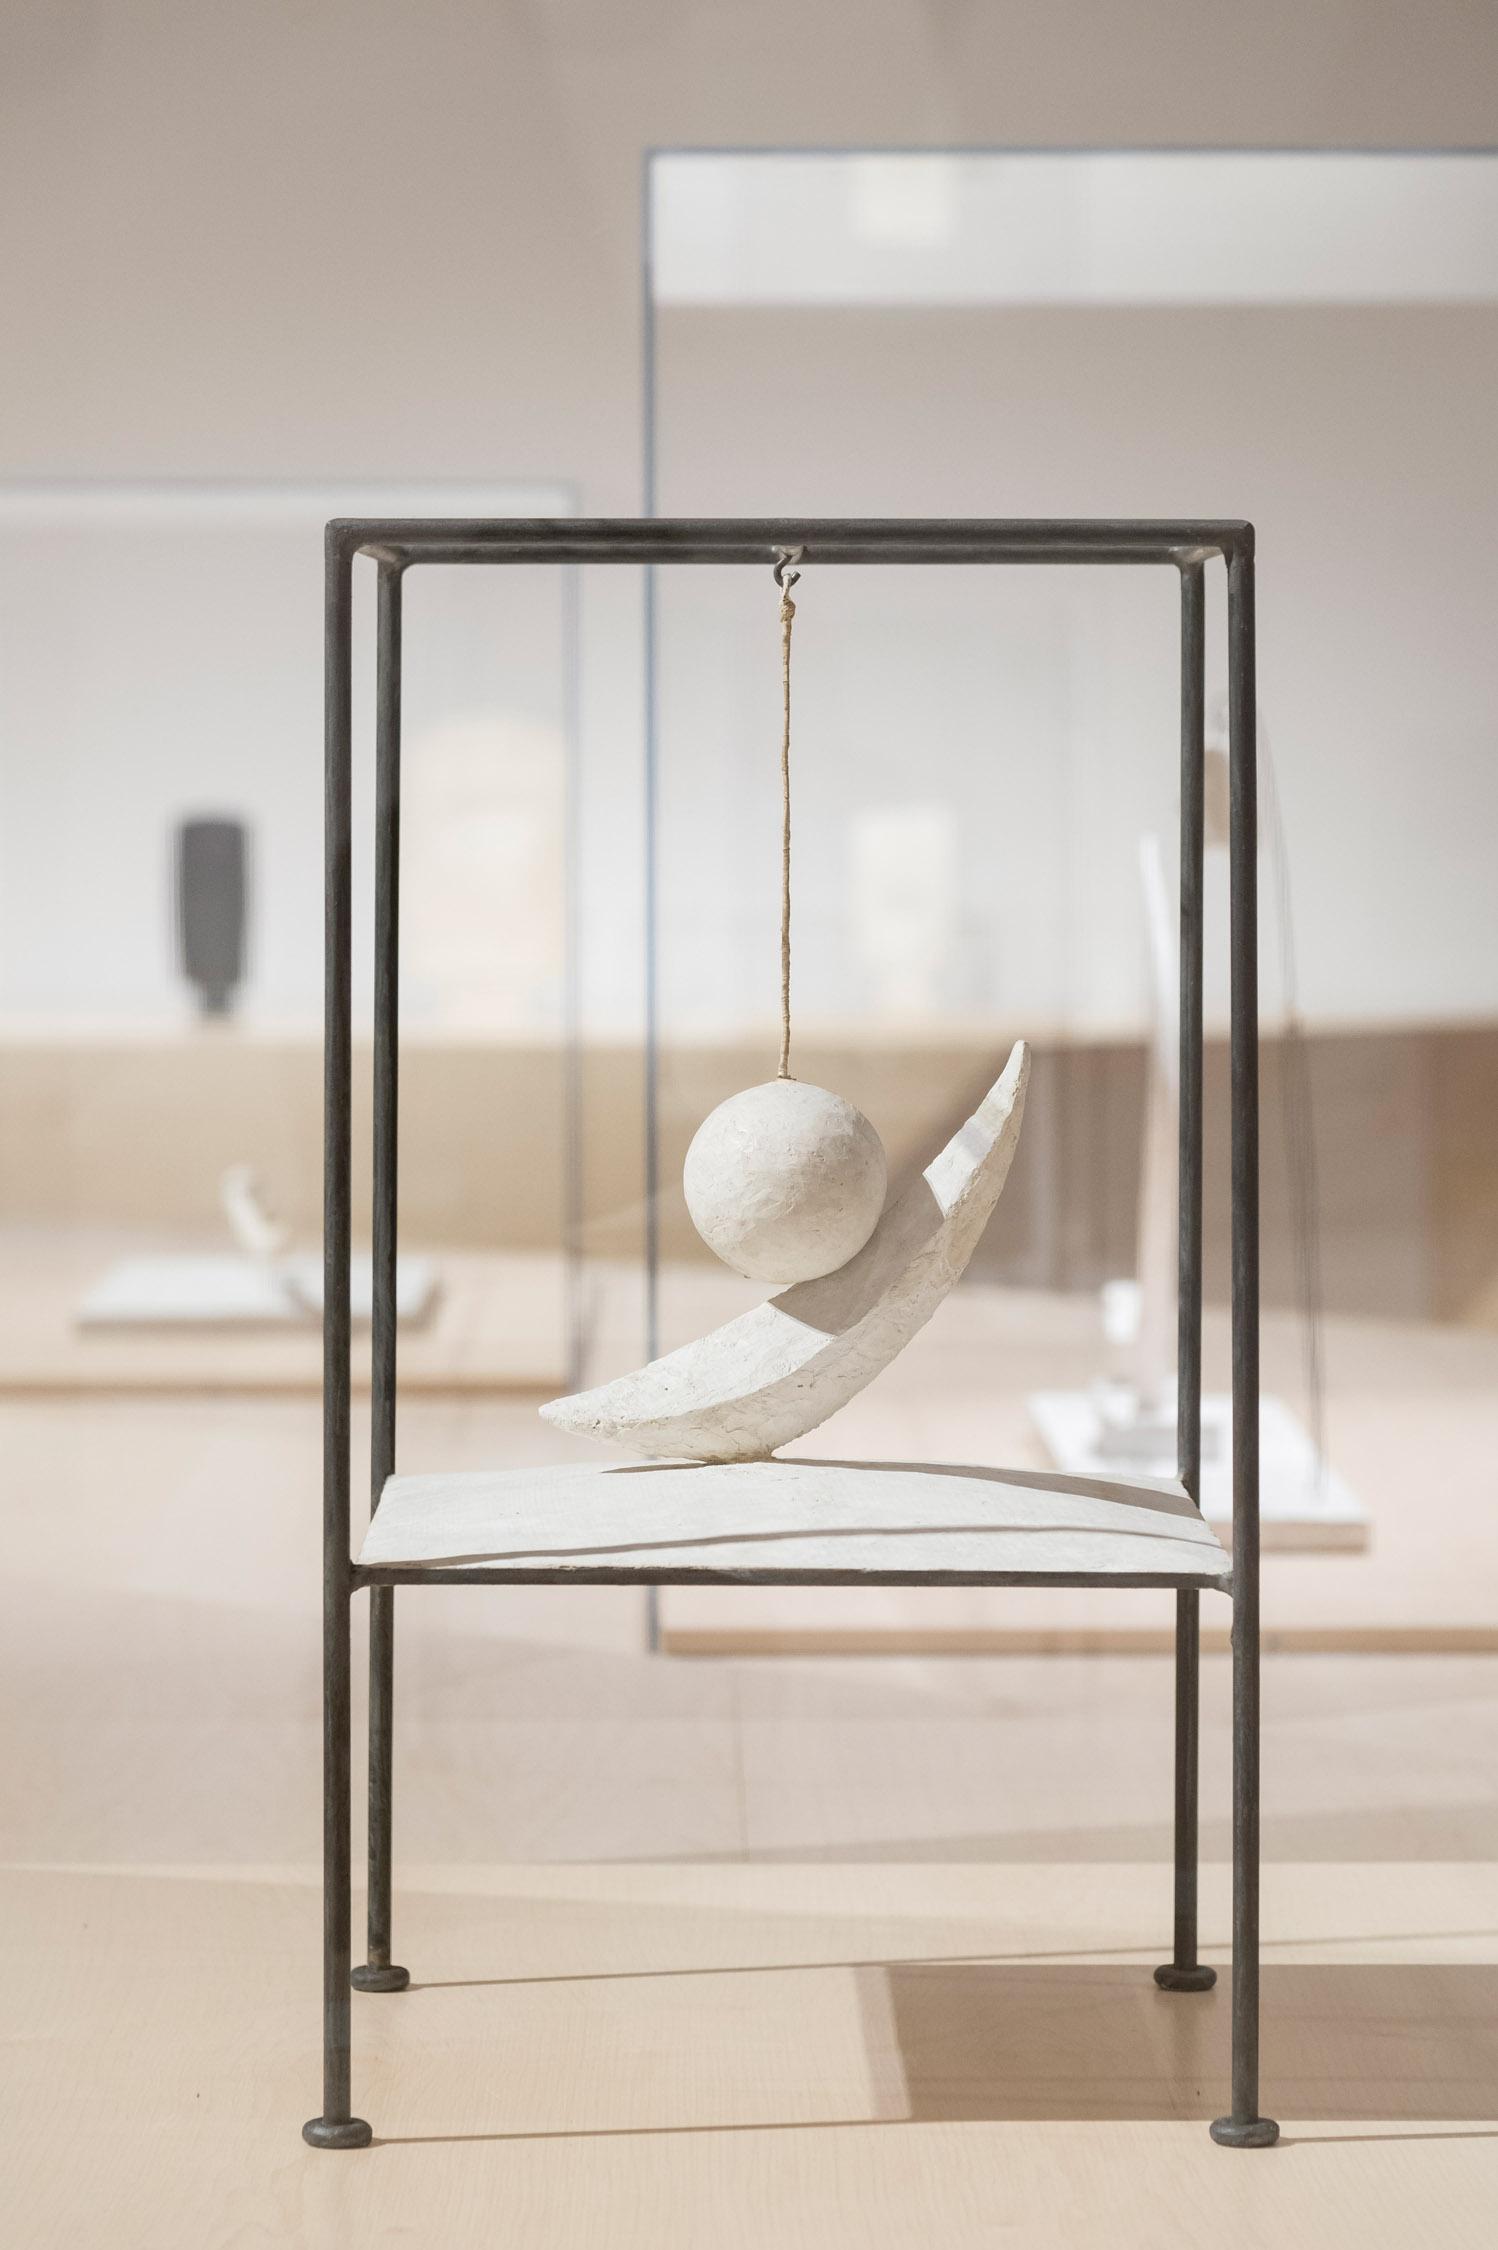 Boule suspendue de Giacometti